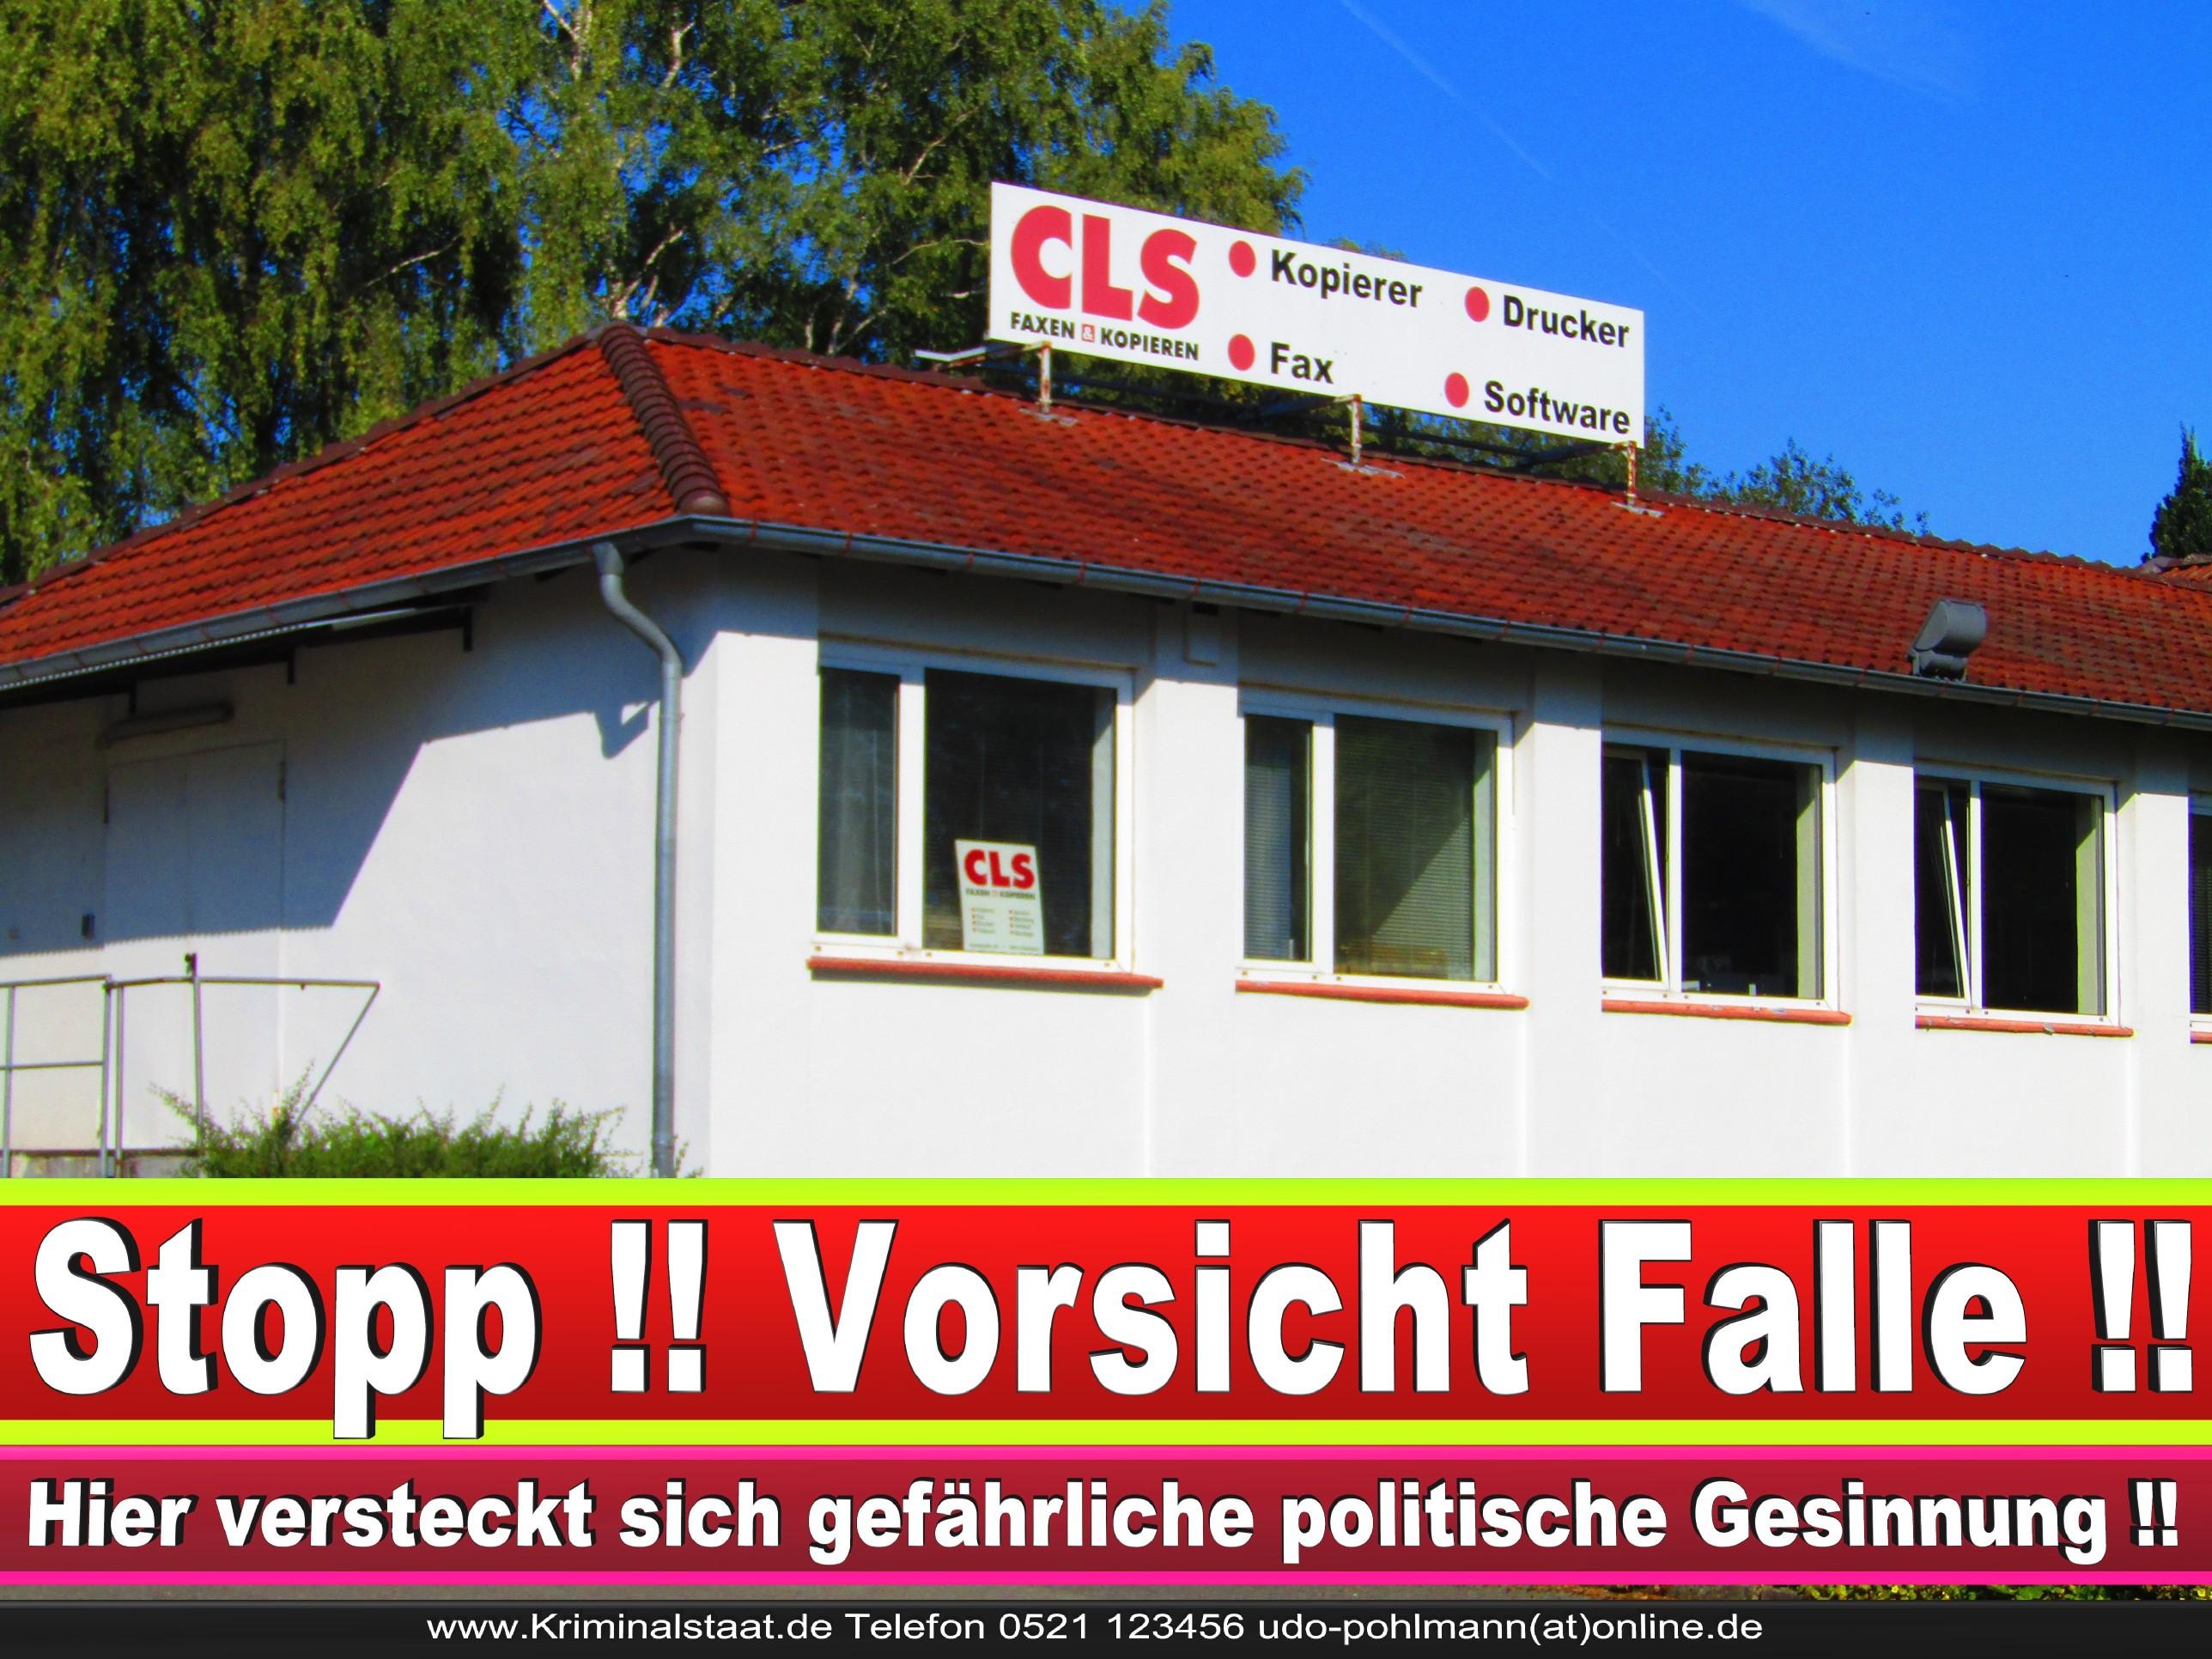 CLS MENSCH UND BÜRO GMBH CDU BIELEFELD 3 LANDTAGSWAHL BUNDESTAGSWAHL BÜRGERMEISTERWAHL